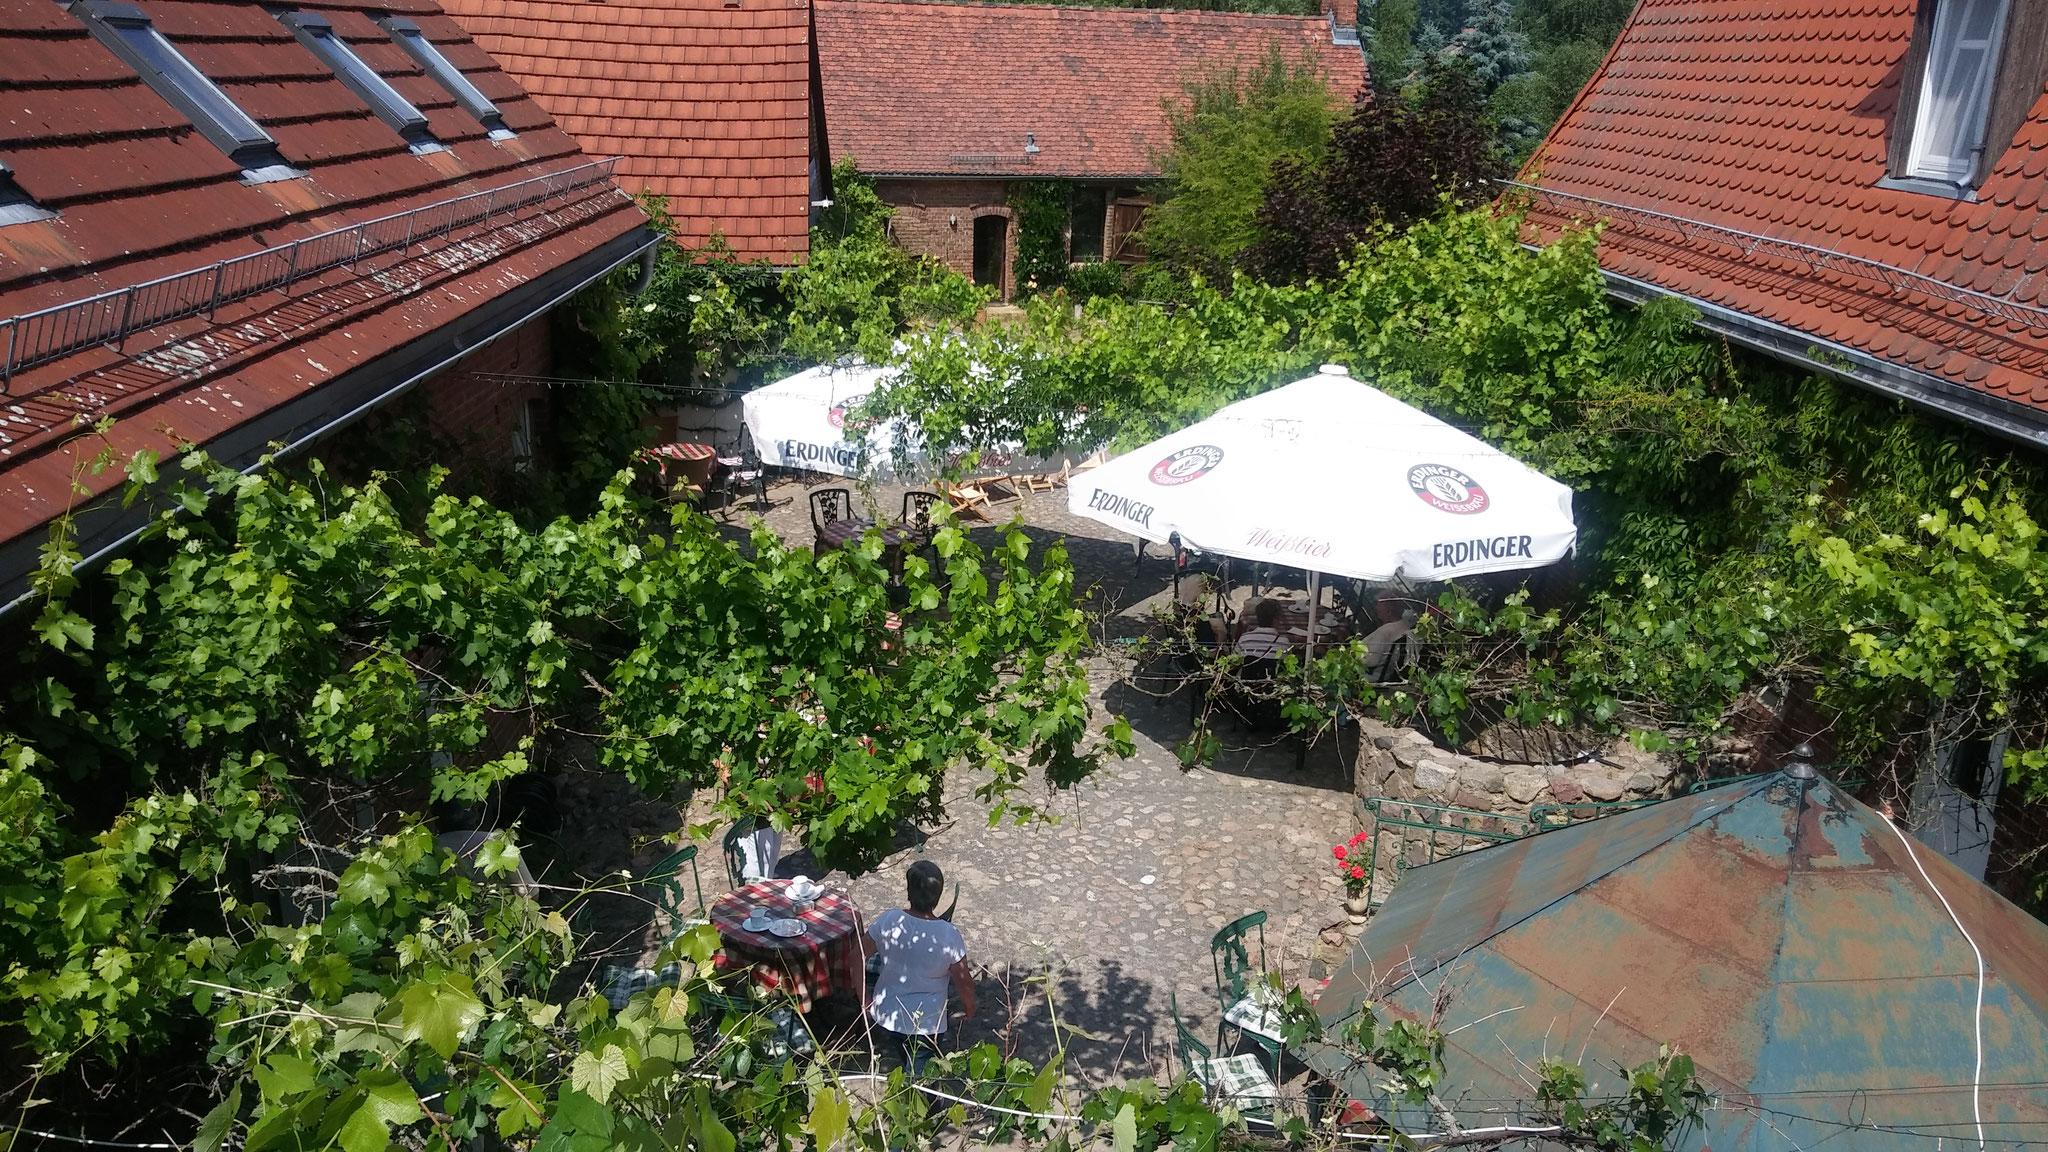 weinberankter Innenhof Hotel Alte Försterei Kloster Zinna